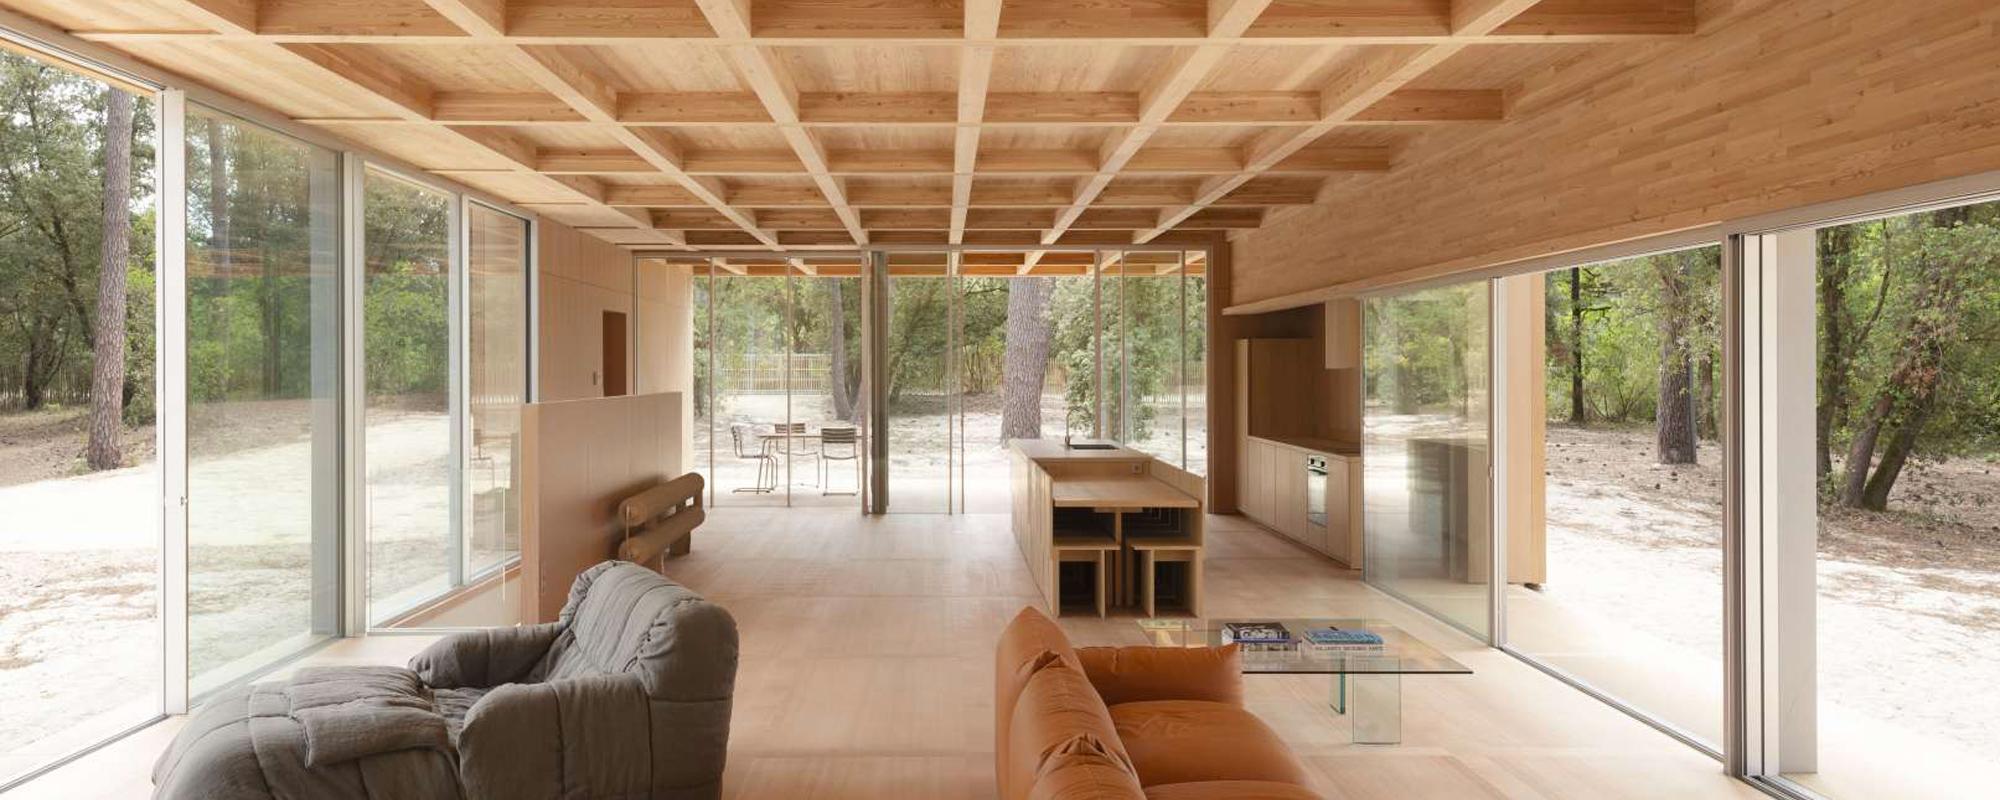 Maison en bois lamellé